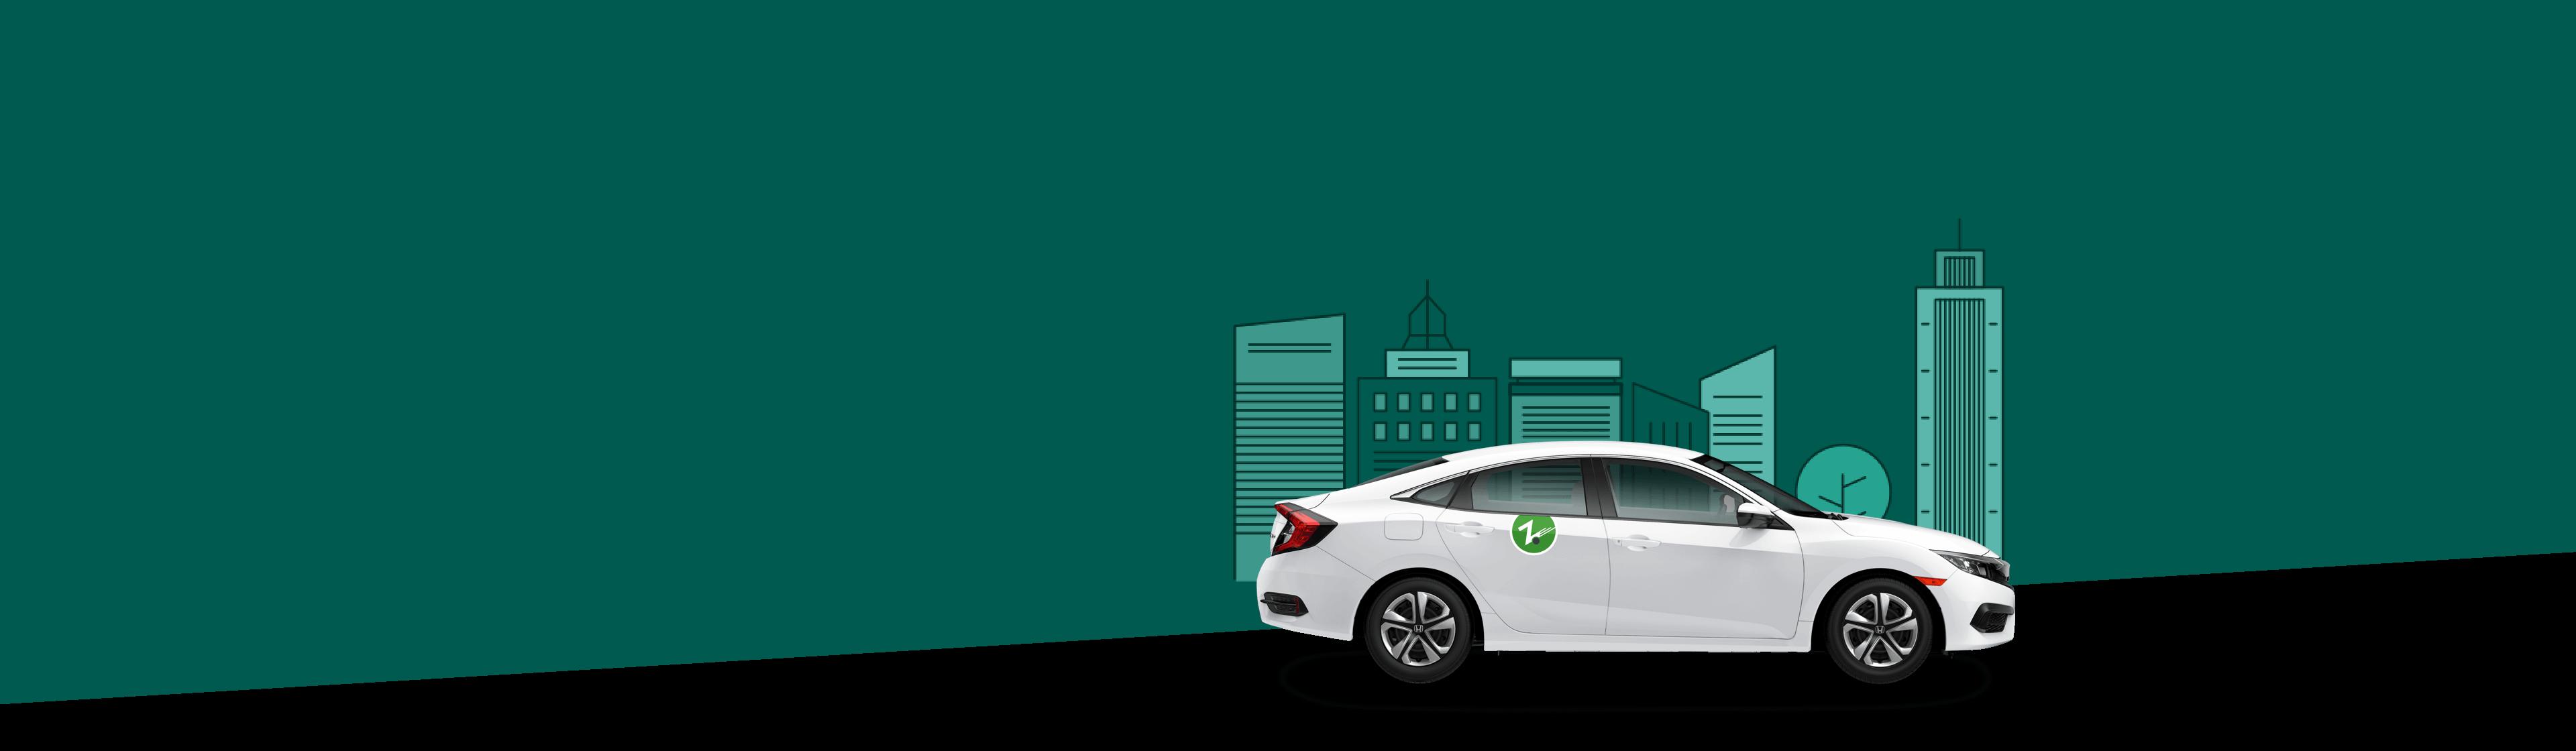 white Zipcar on dark green background